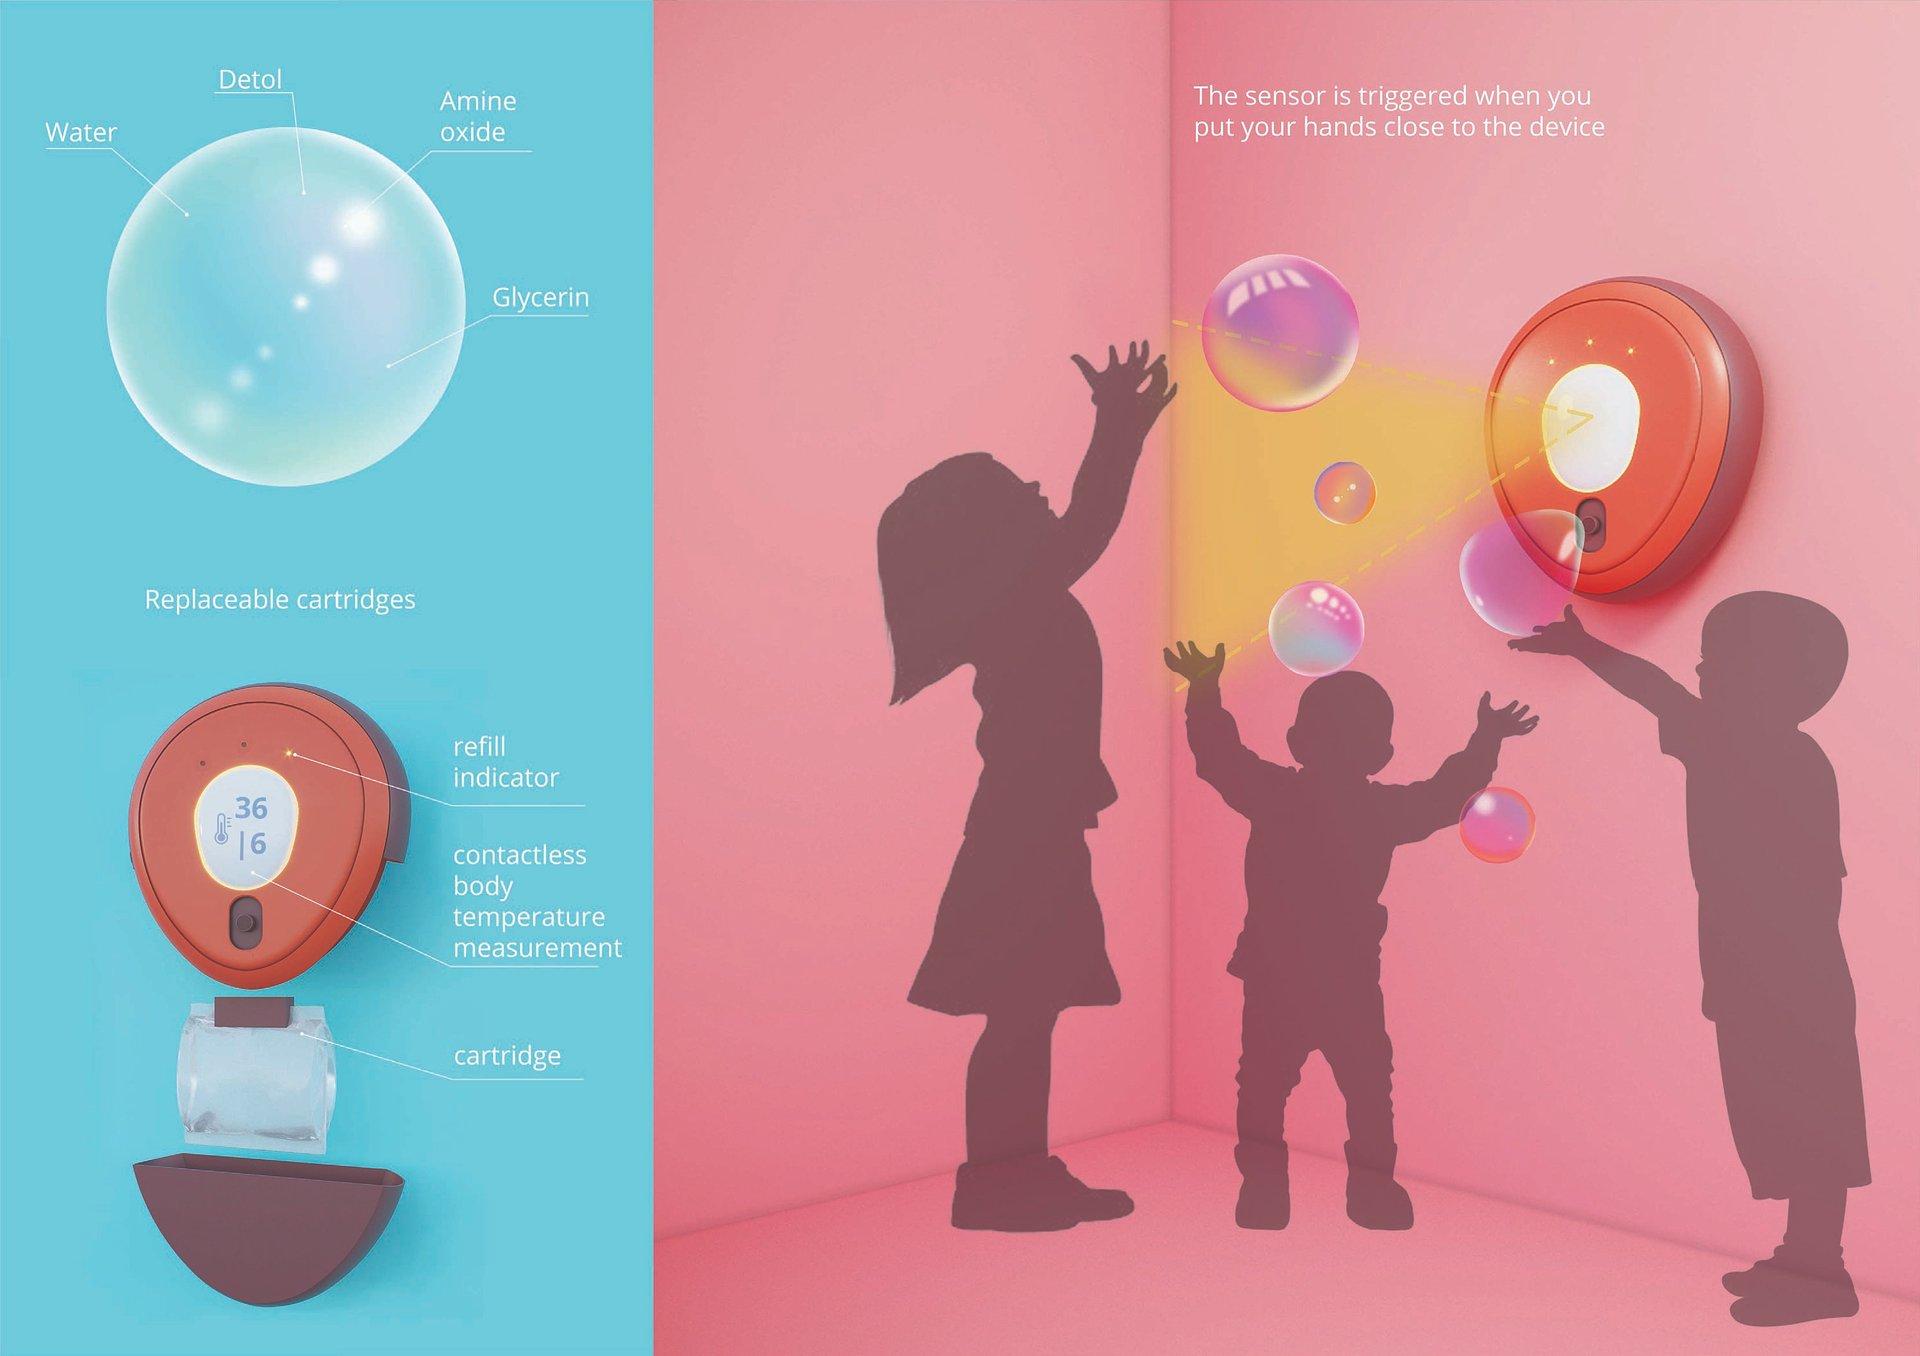 Międzynarodowy konkurs designu jumpthegap® nagradza 5 innowacyjnych projektów, które zmieniają podejście do higieny i ochrony przed zarażeniem